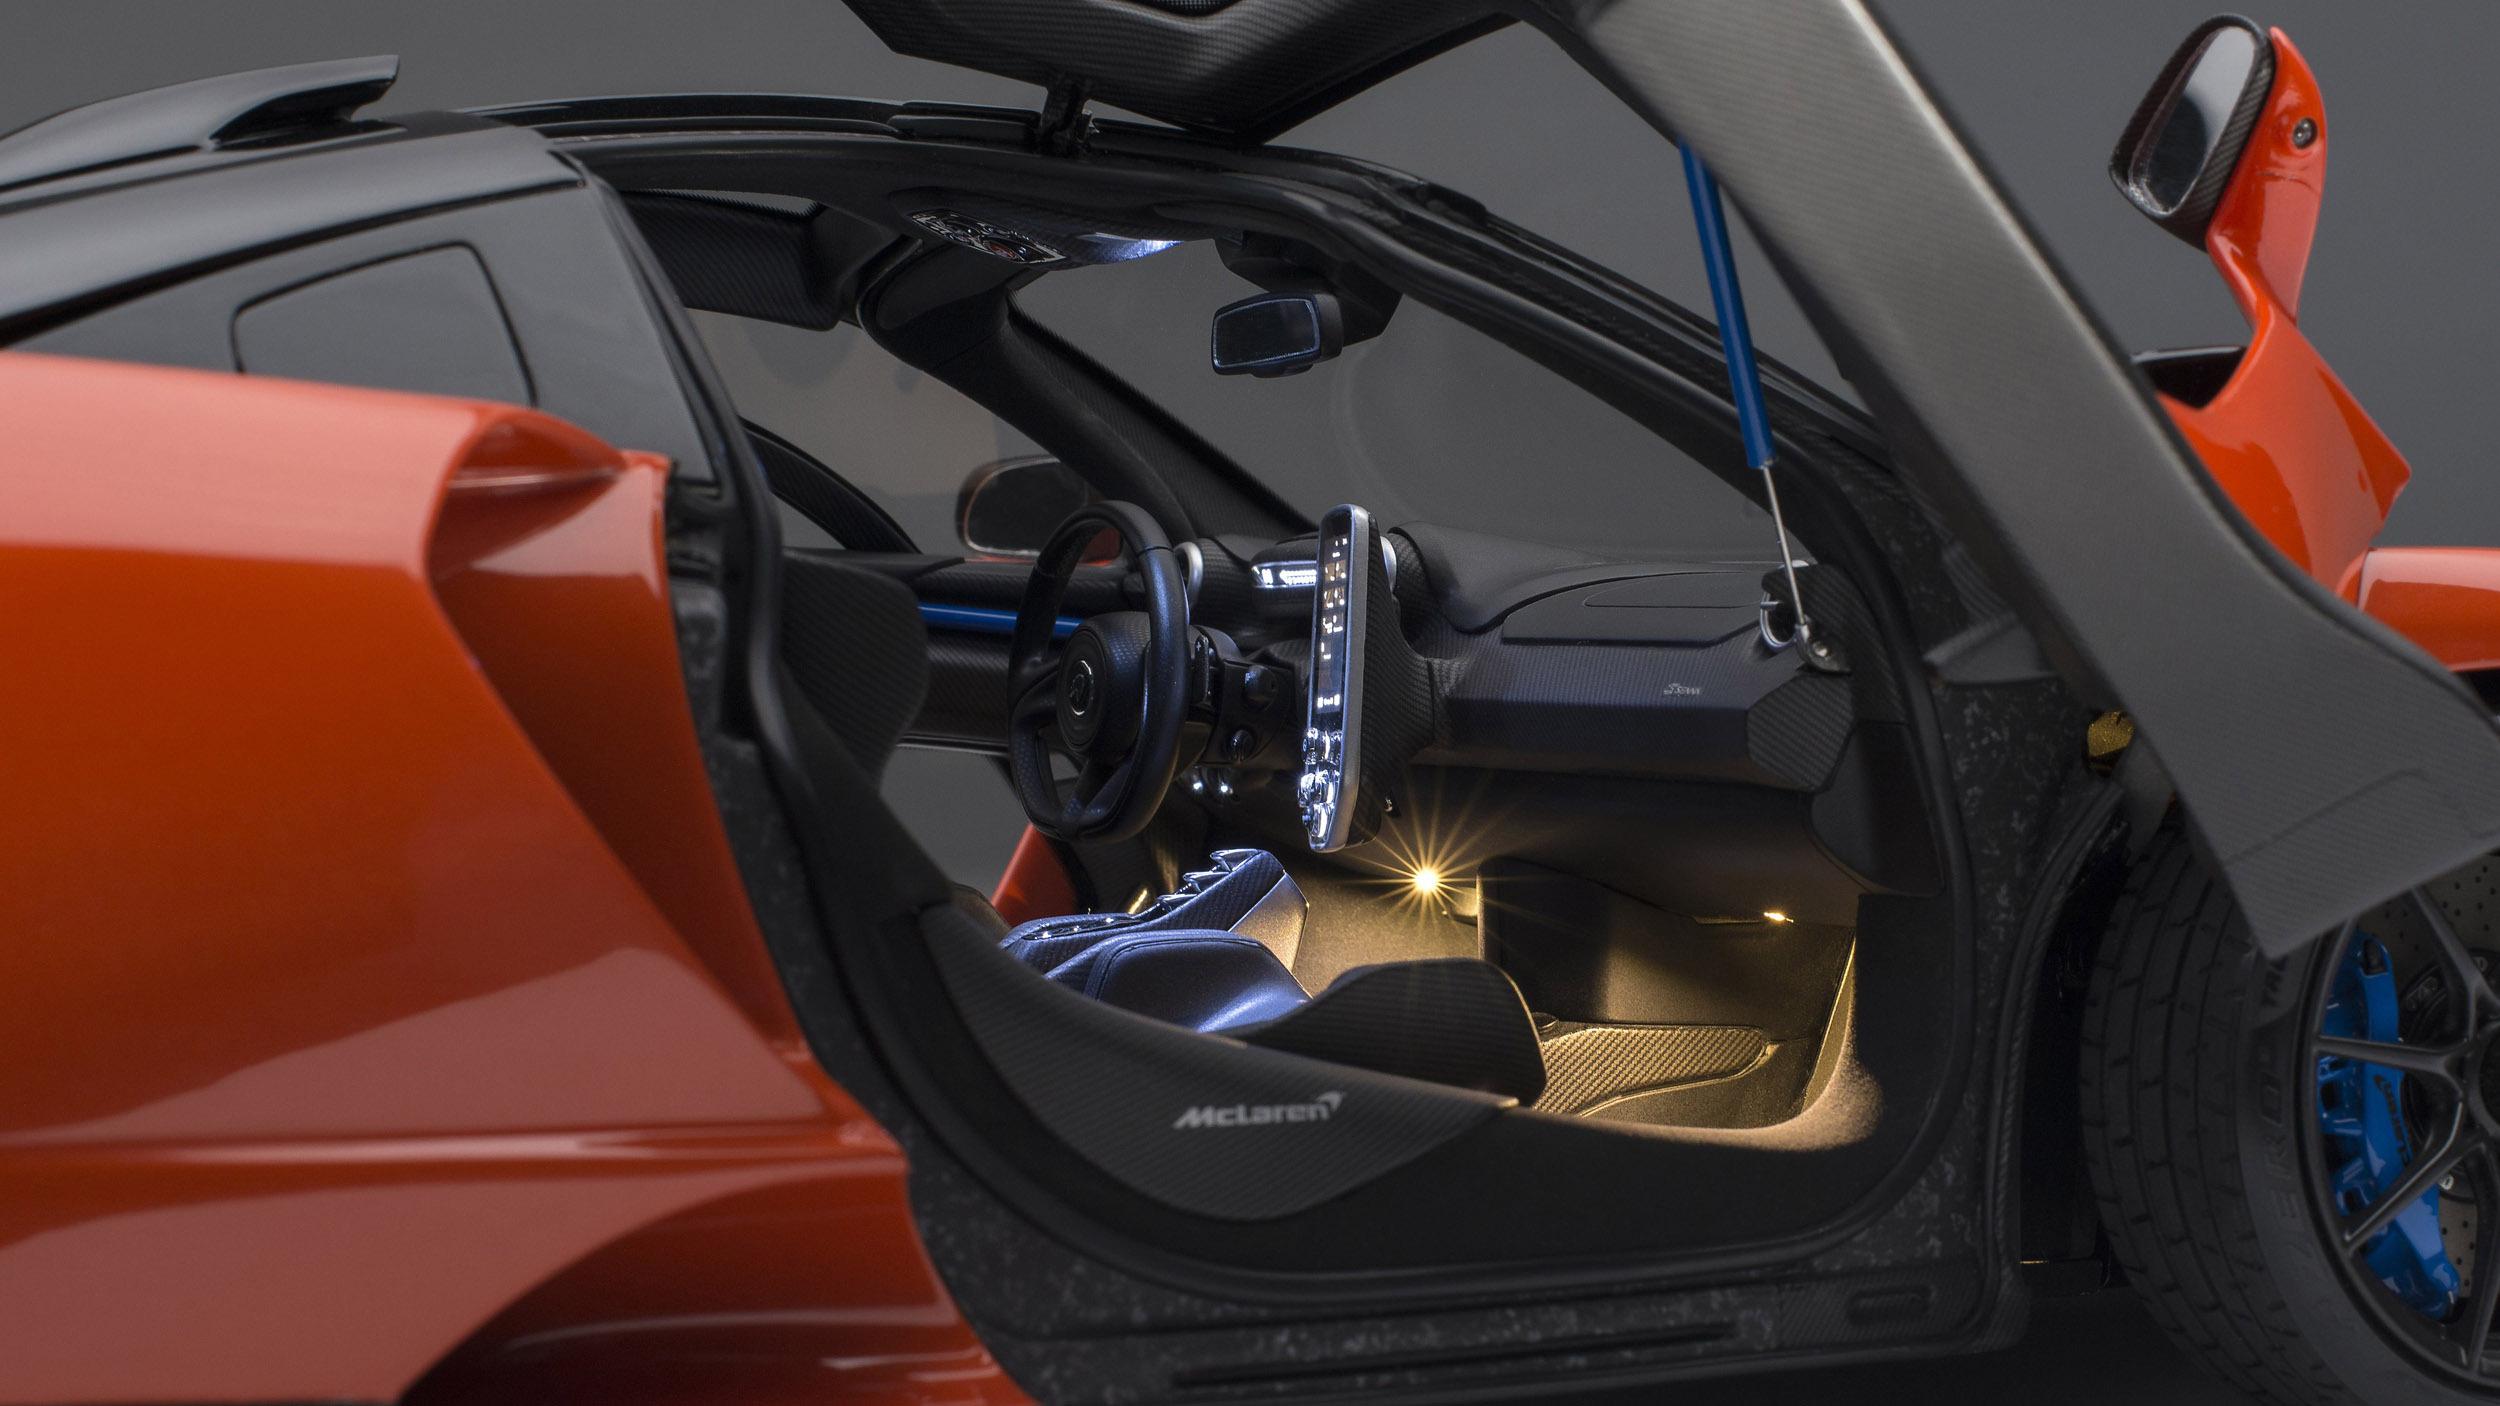 Amalgam-McLaren-Senna-miniature-model-8